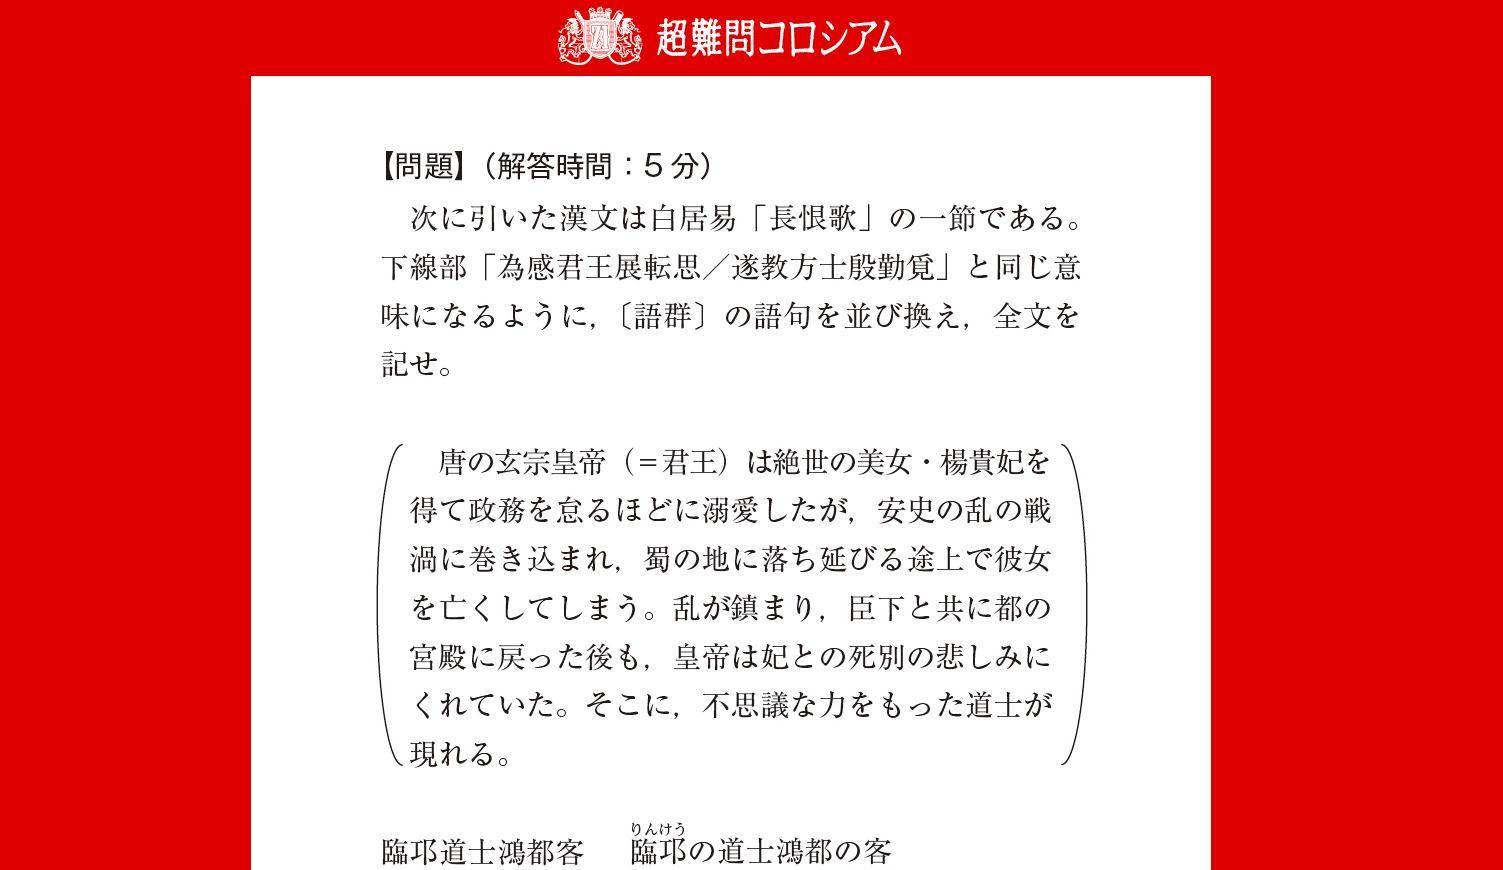 超難問コロシアム、筑駒チーム ... : 中1 数学 参考書 : 数学